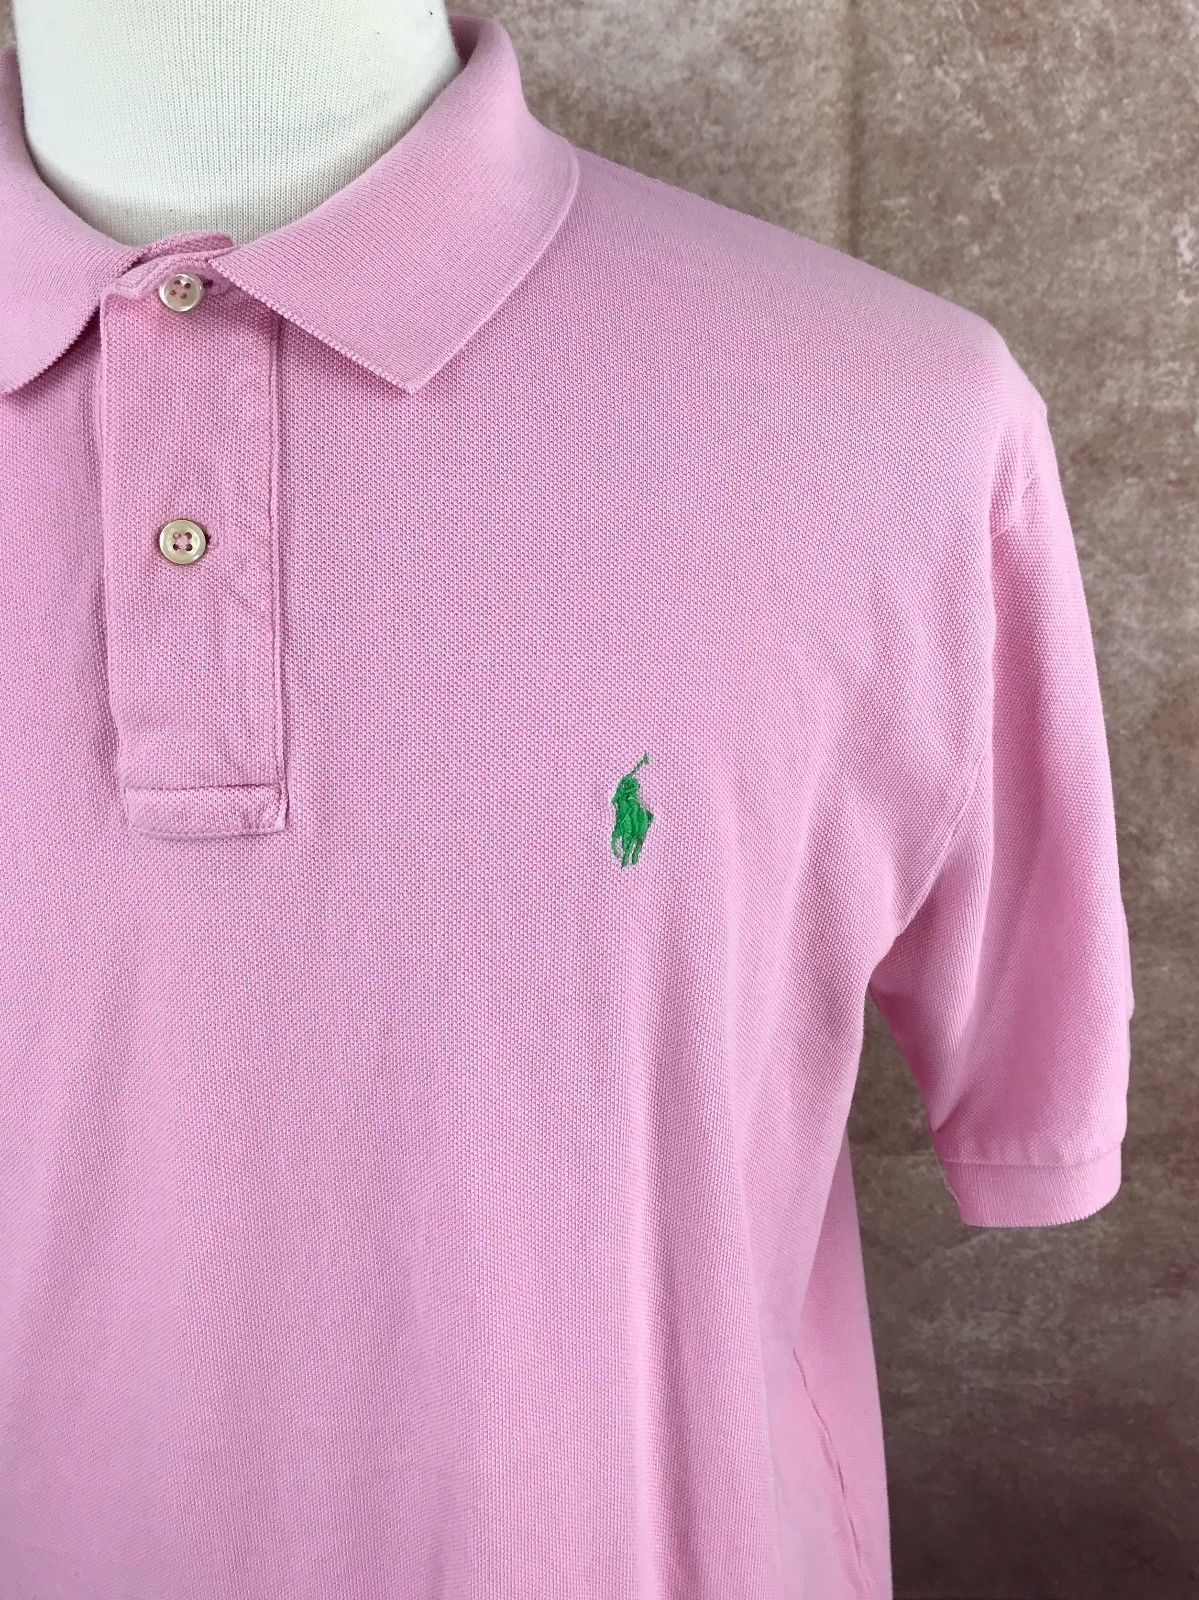 Polo Ralph Lauren Short Sleeve Mesh 100% Cotton Pink Shirt Men's L